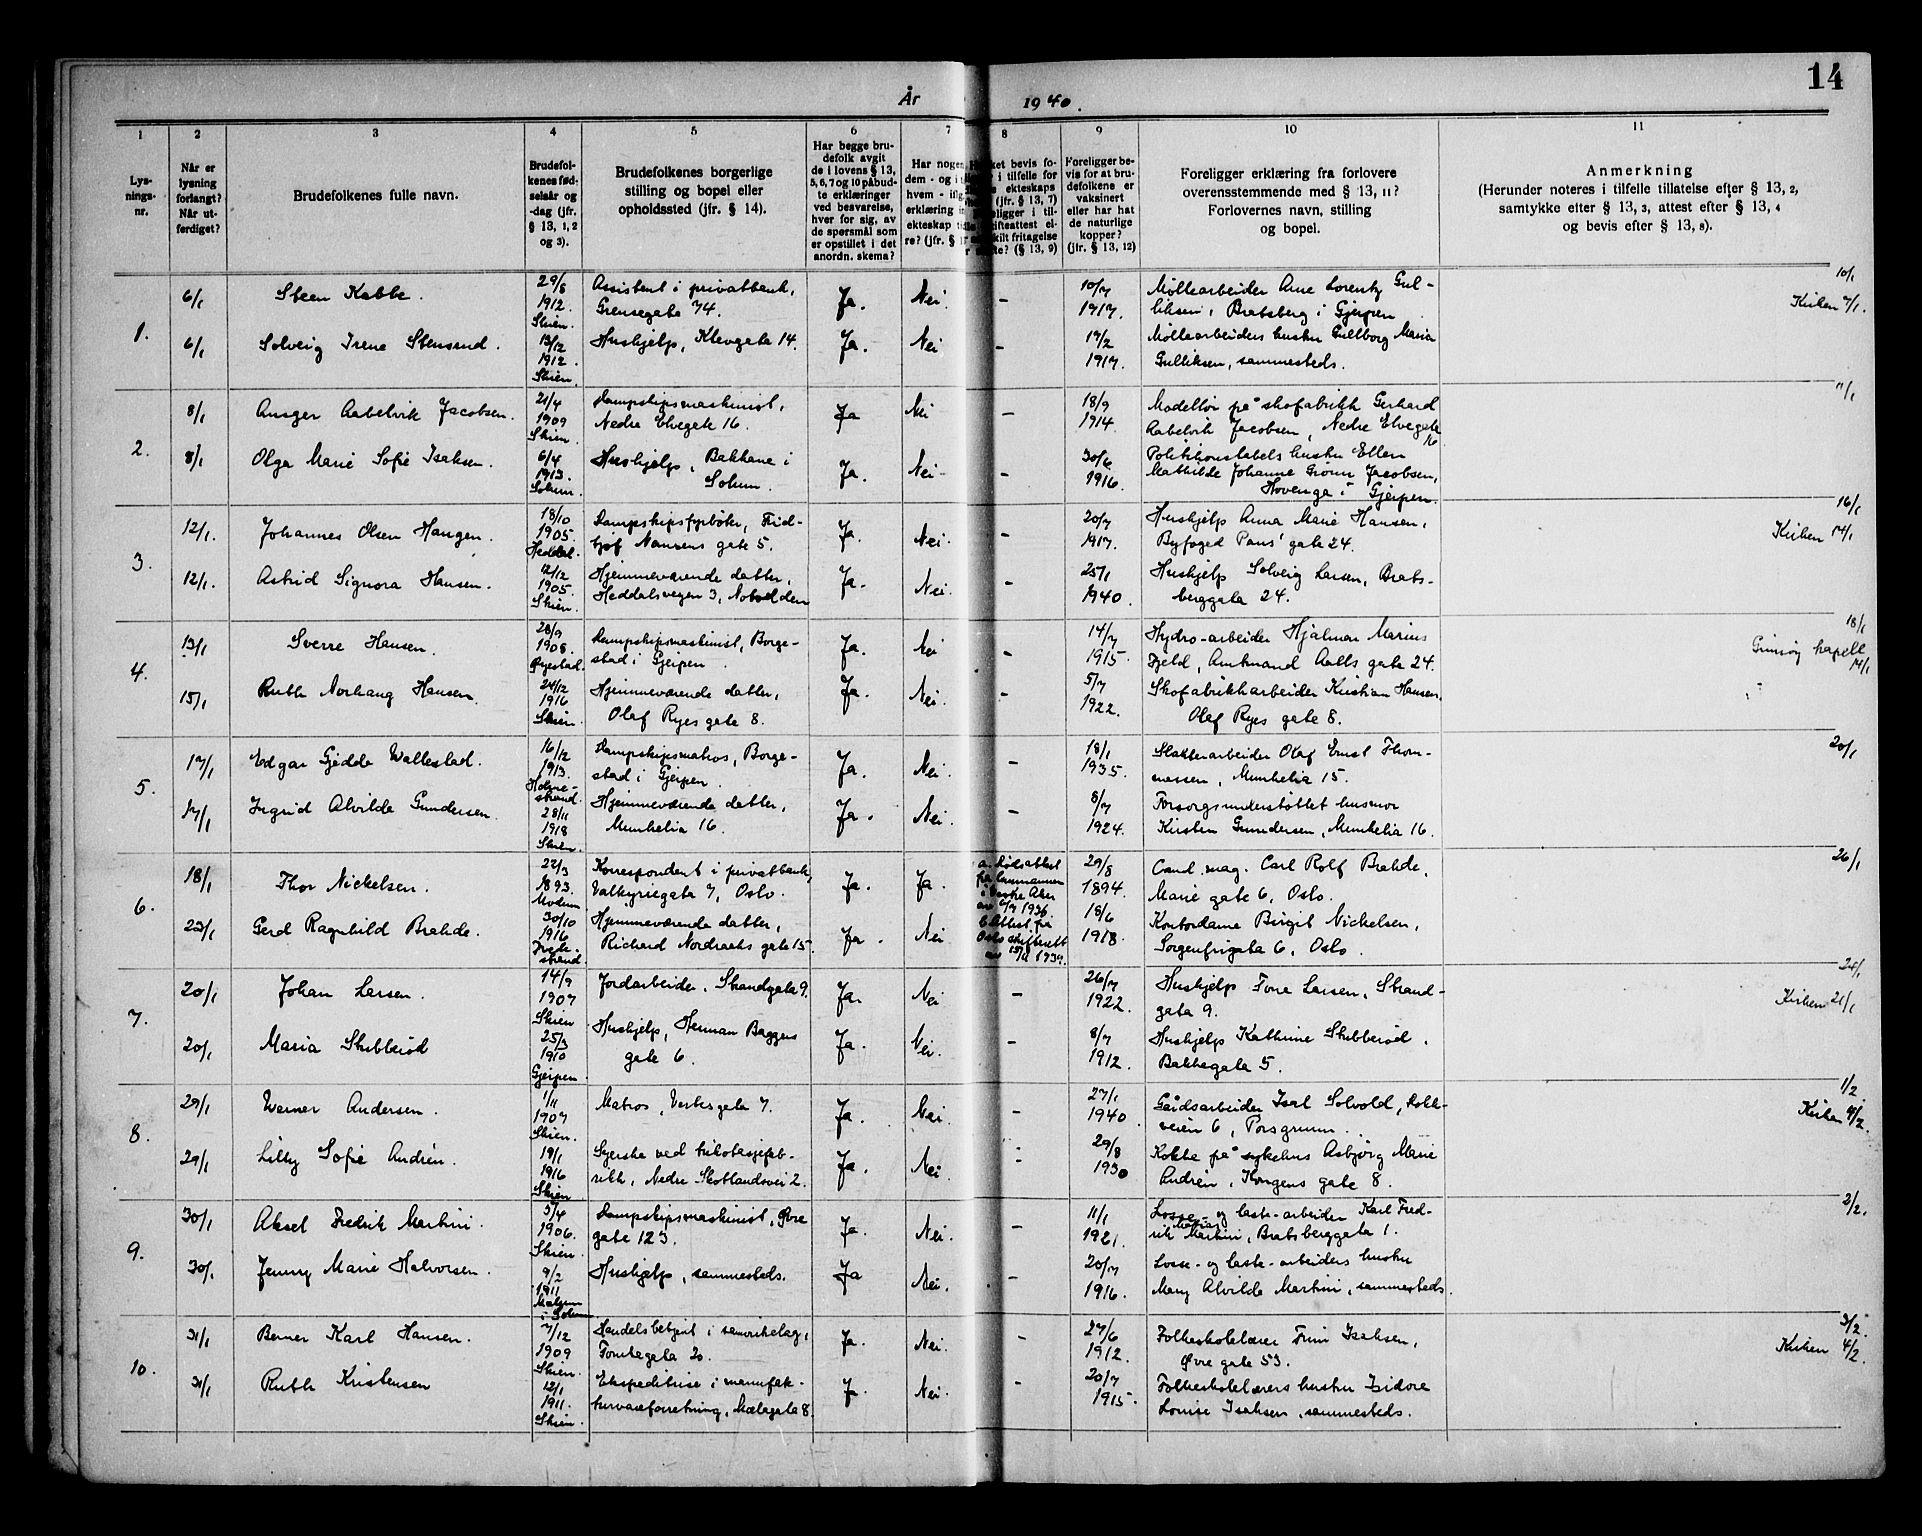 SAKO, Skien kirkebøker, H/Ha/L0002: Lysningsprotokoll nr. 2, 1939-1949, s. 14